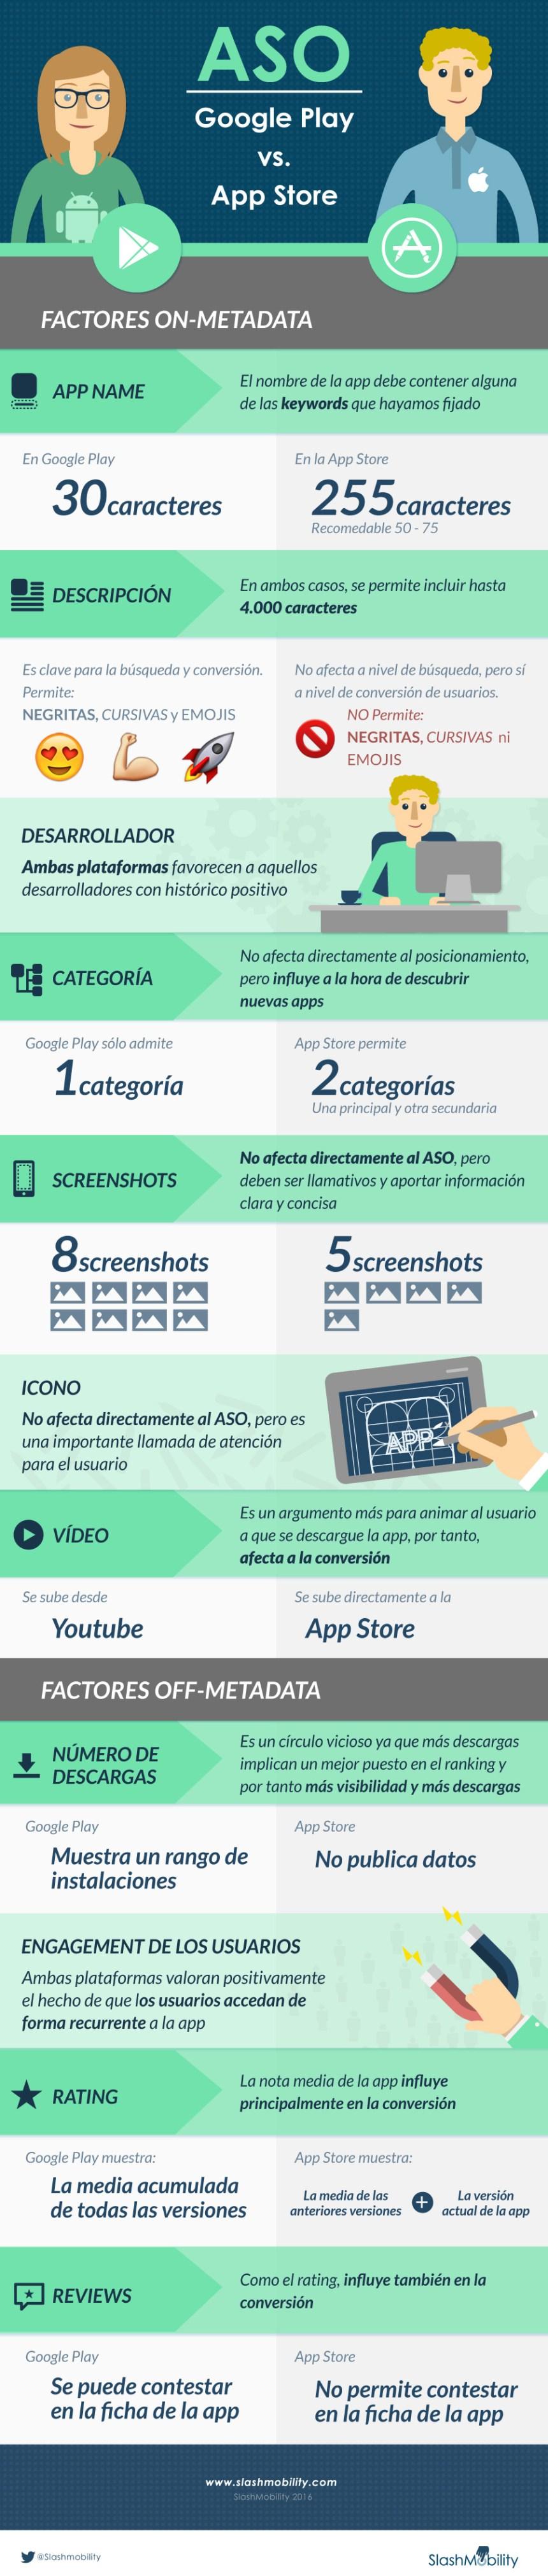 ASO: Google Play vs IOS